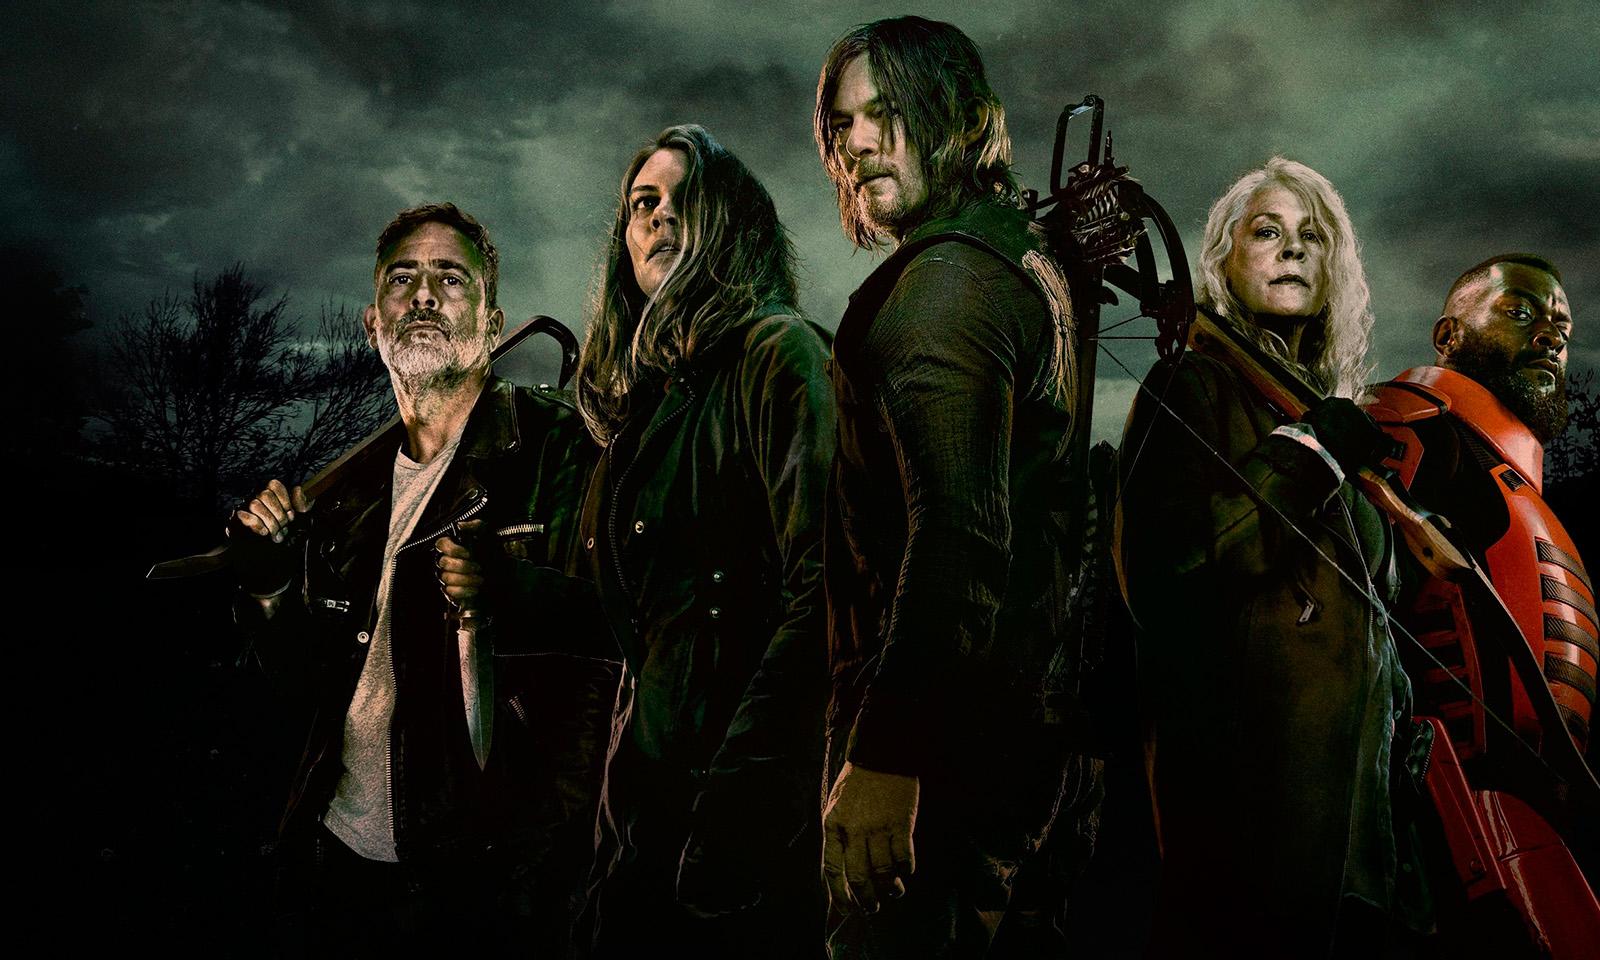 Daryl, Carol, Maggie, Negan e Mercer reunidos na arte de divulgação da 11ª temporada de The Walking Dead